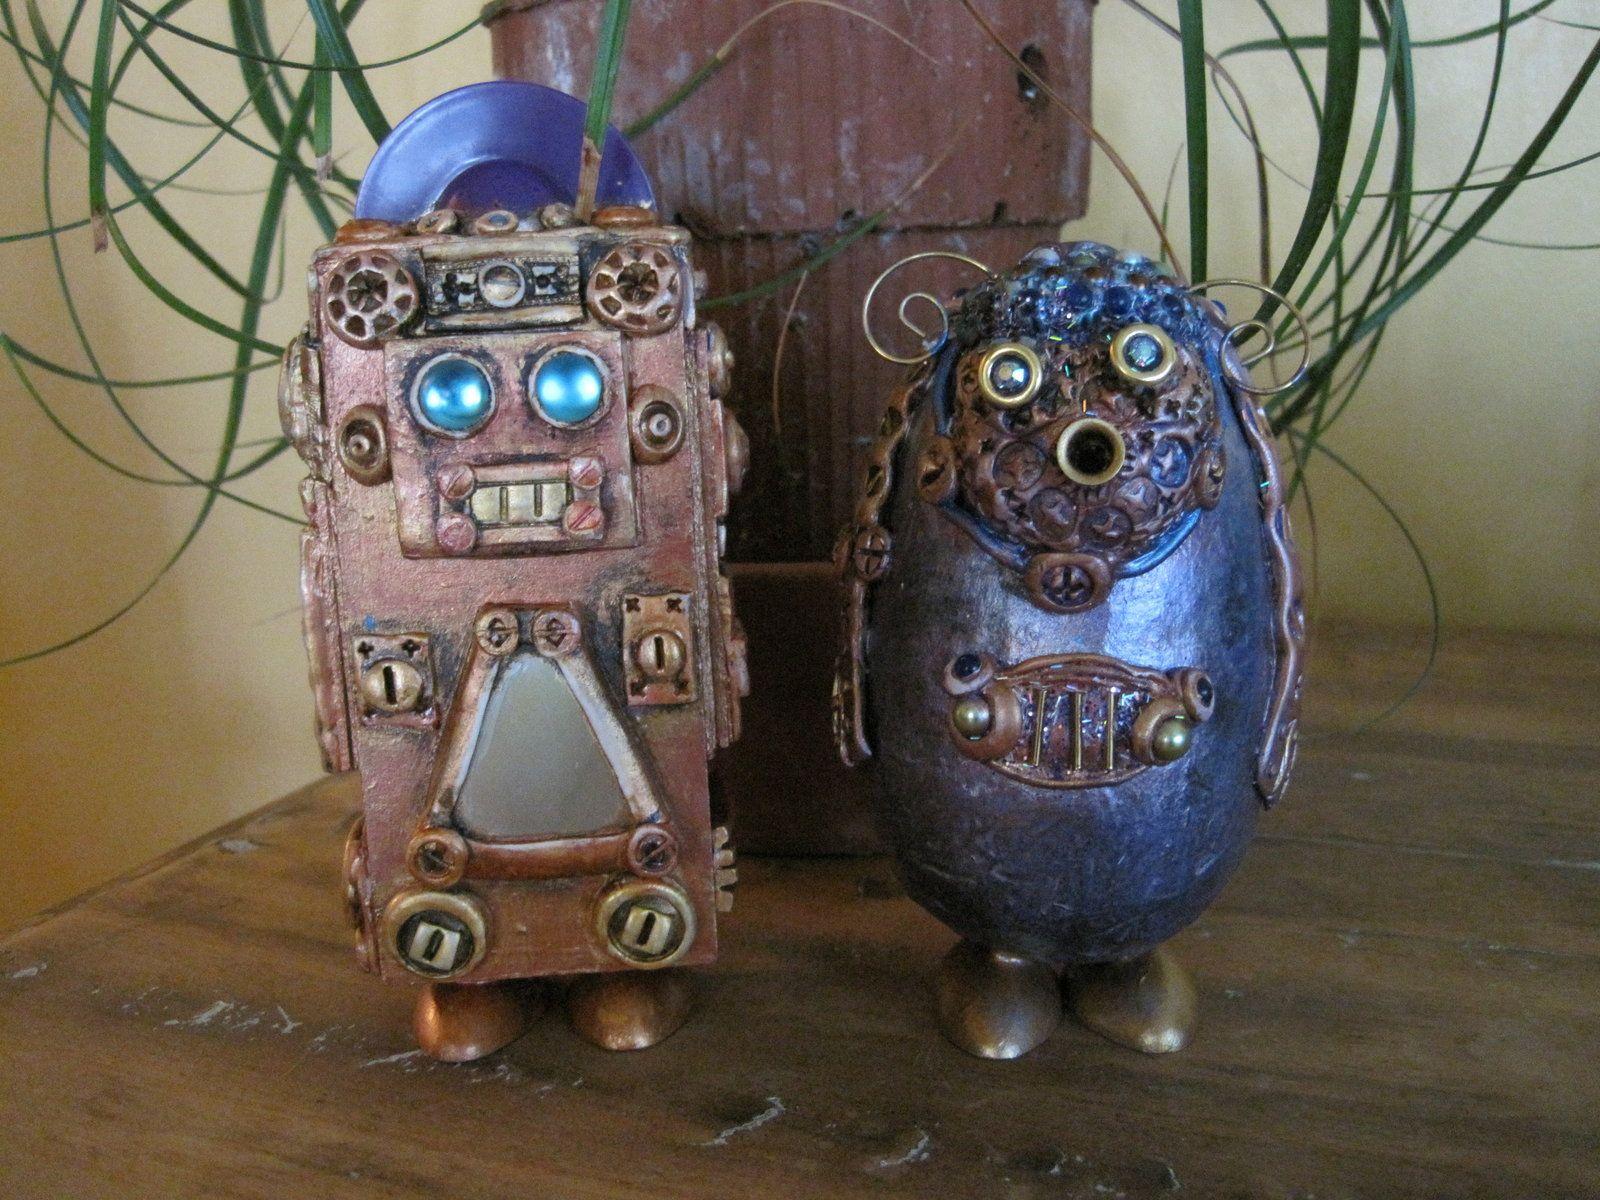 More Idiot Bots